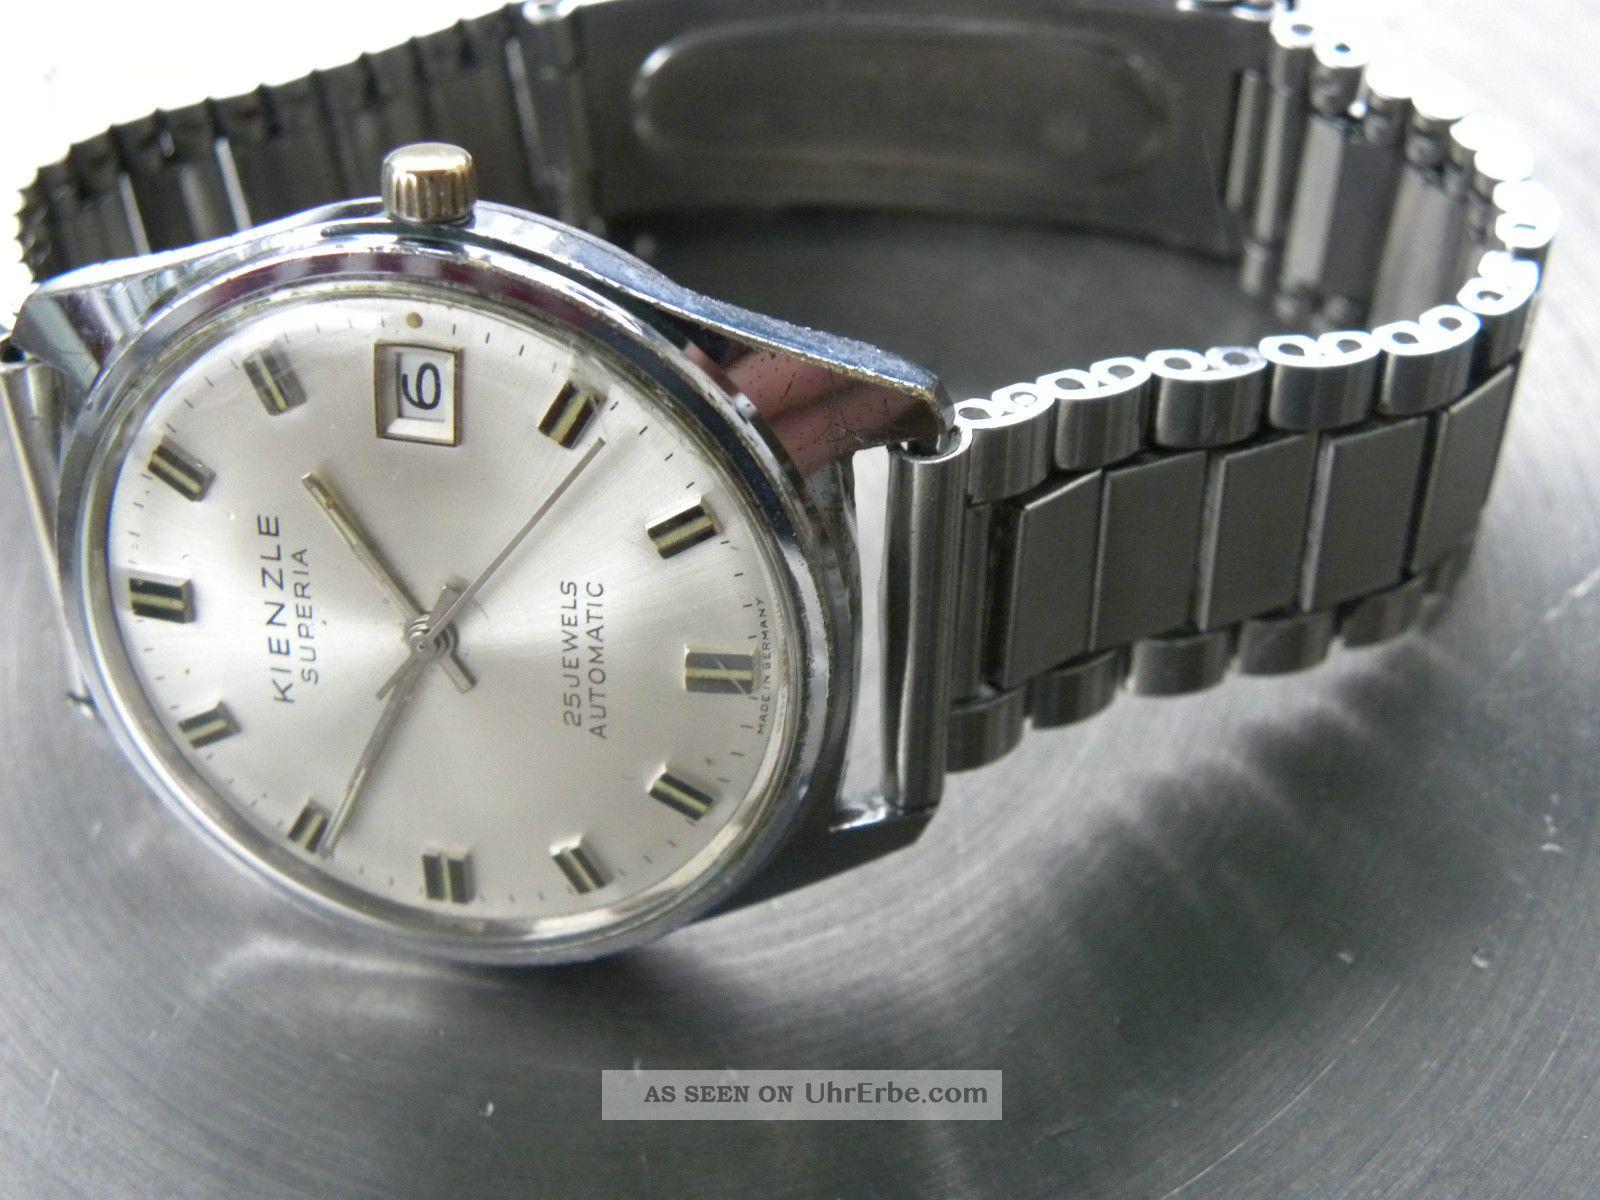 Kienzle Superia Automatic,  Selten,  Guter Zustd. Armbanduhren Bild